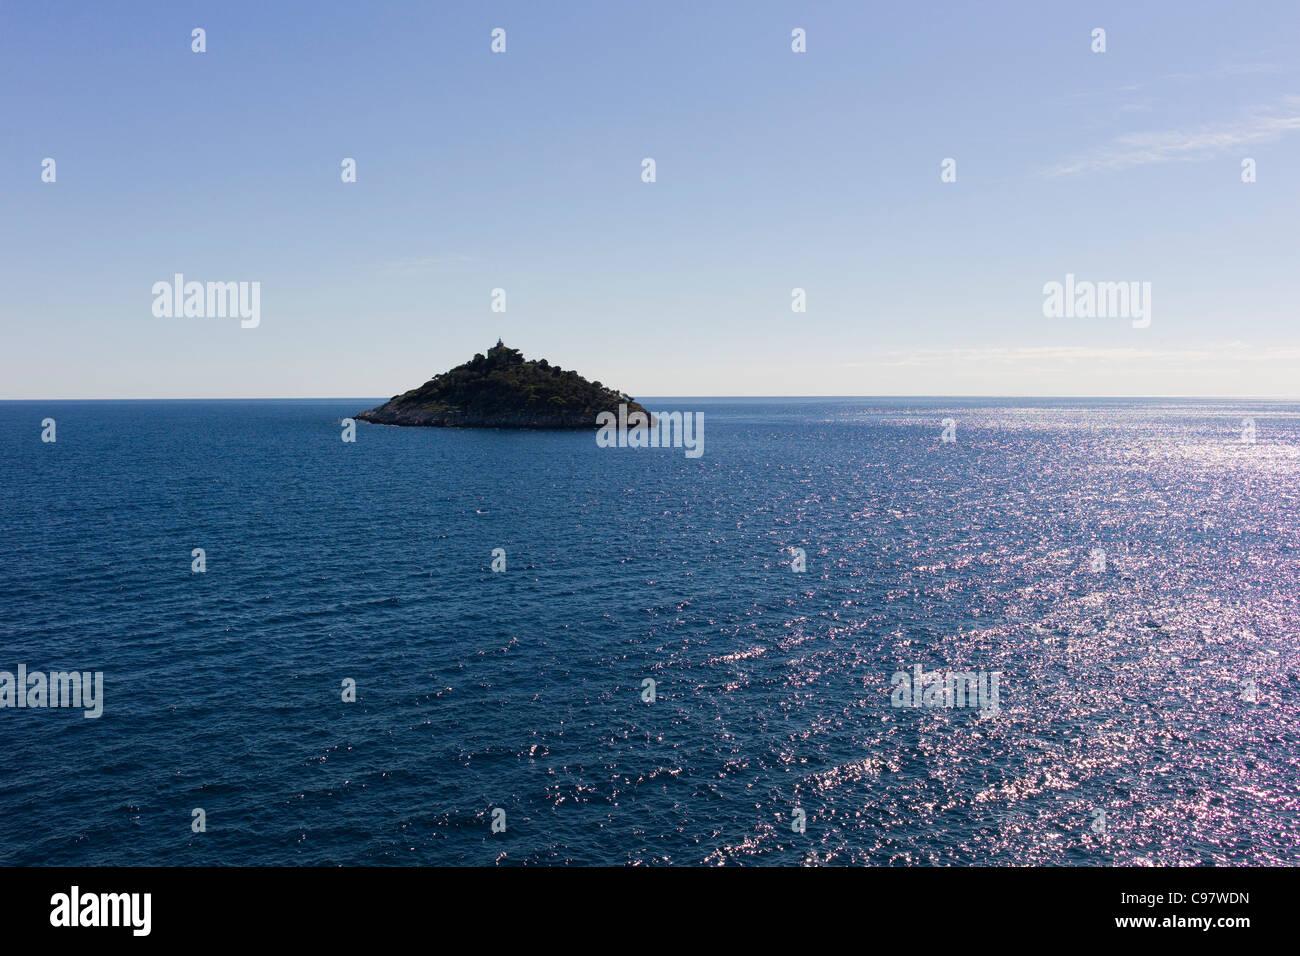 Lighthouse on Sveti Andrija island, Dubrovnik, Croatia, Europe - Stock Image